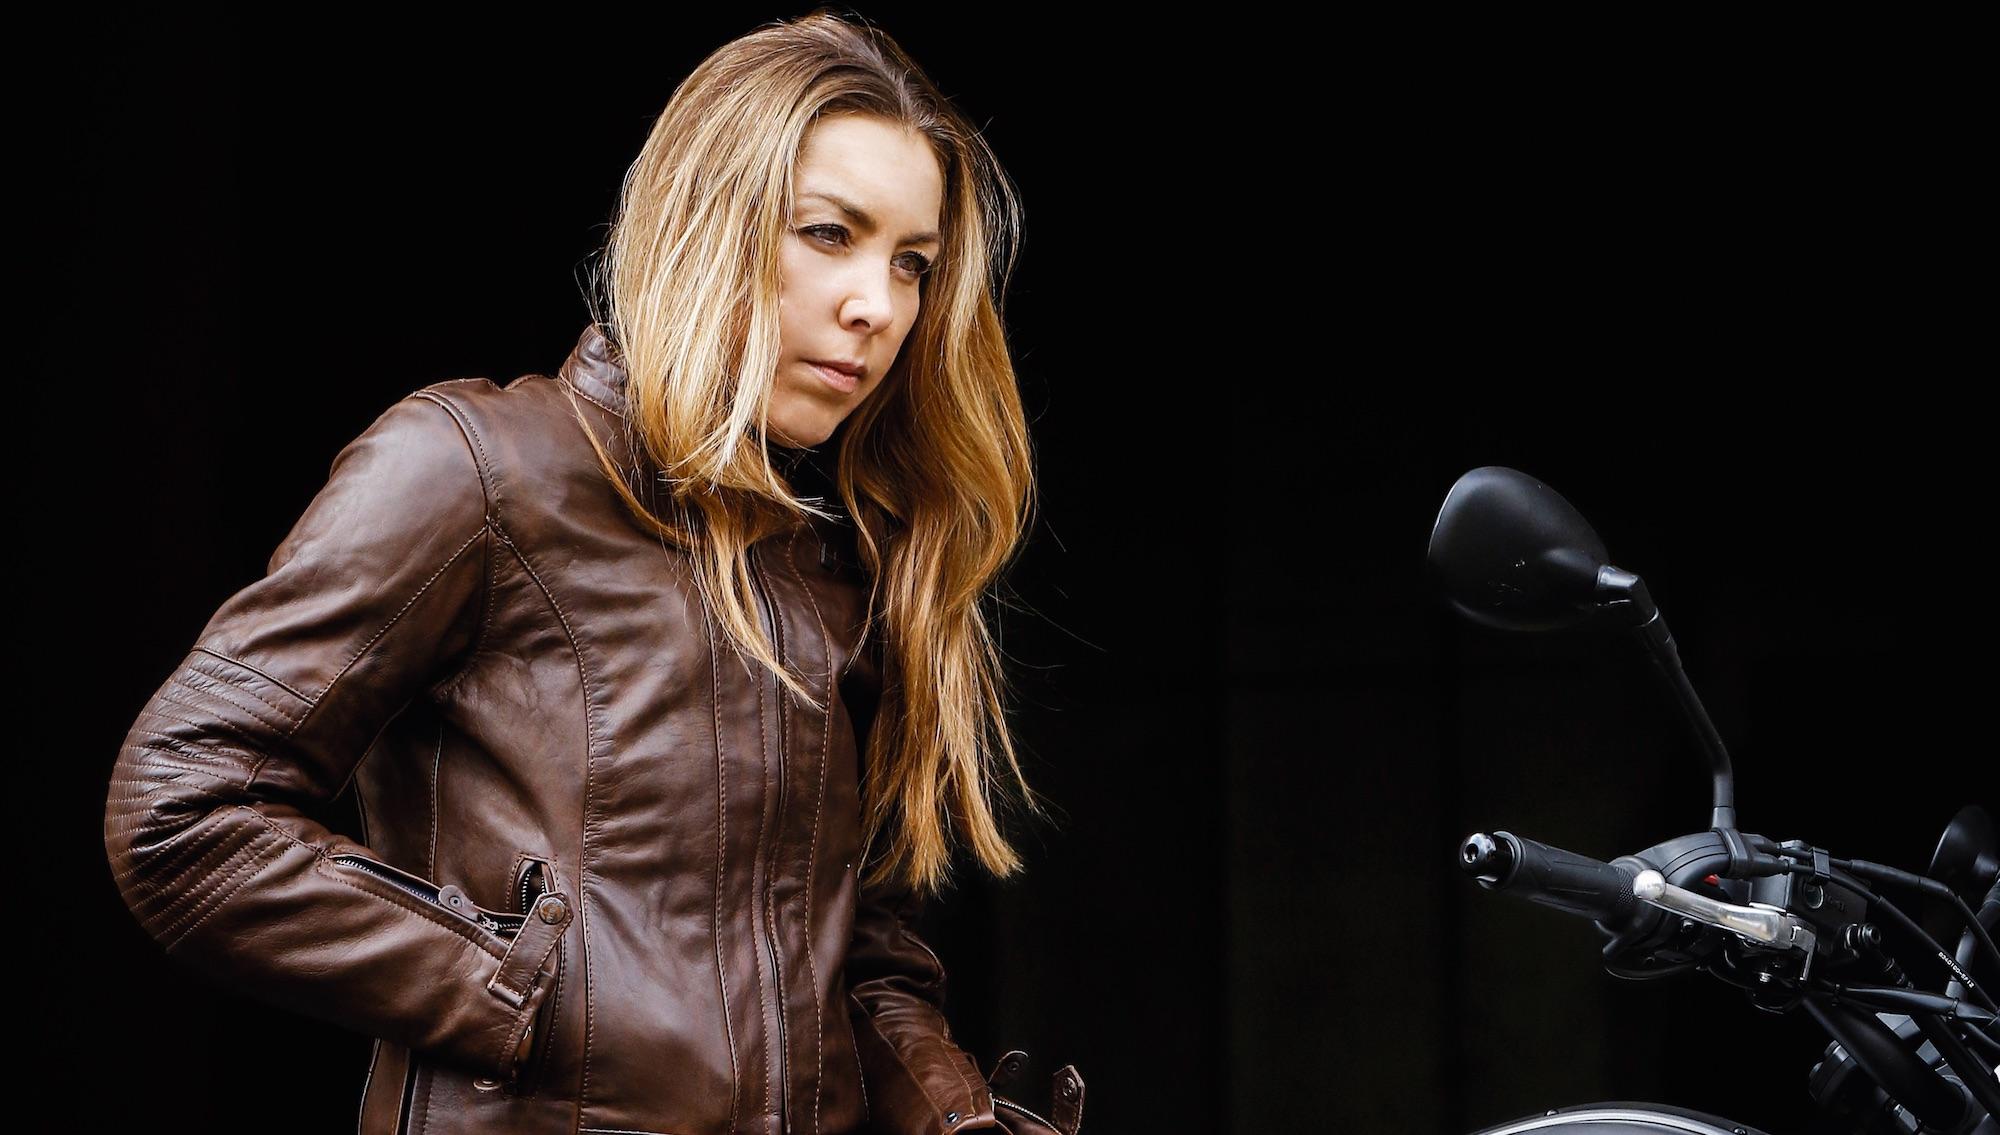 Chaquetas de moto femeninas, precios y características